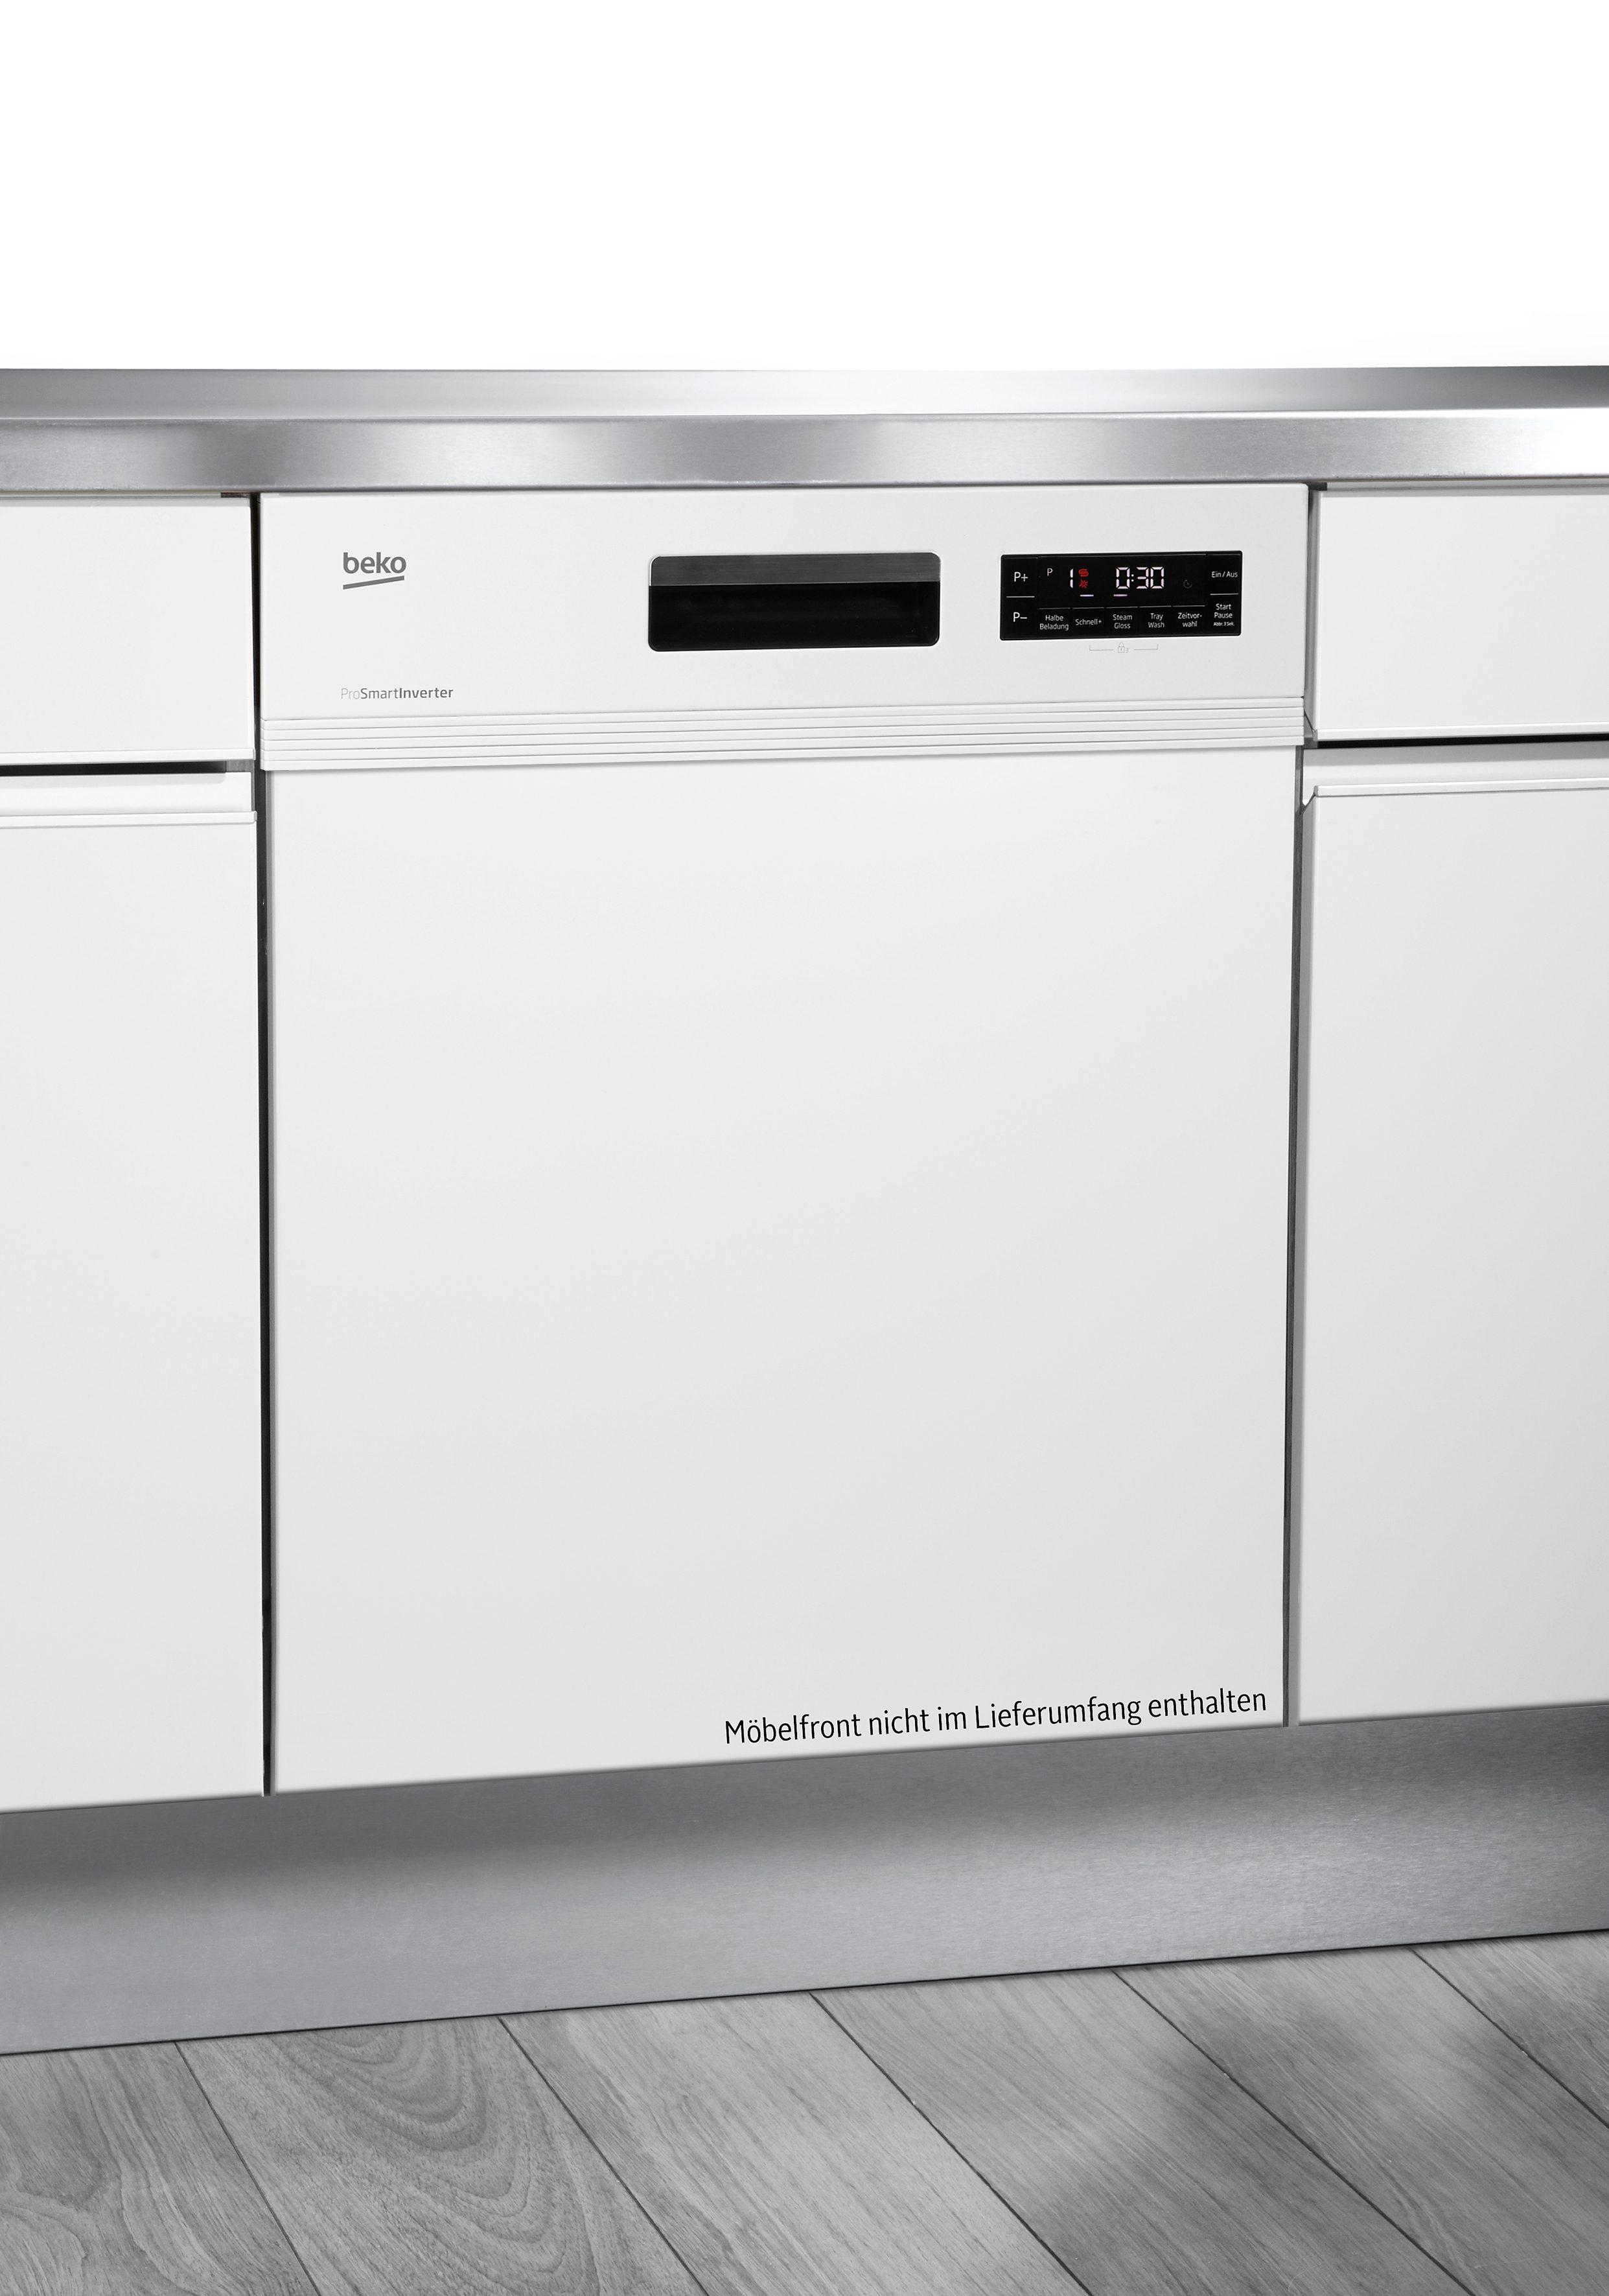 BEKO integrierbarer Geschirrspüler, DSN6634W1, 10 l, 13 Maßgedecke, Energieeffizienzklasse A++